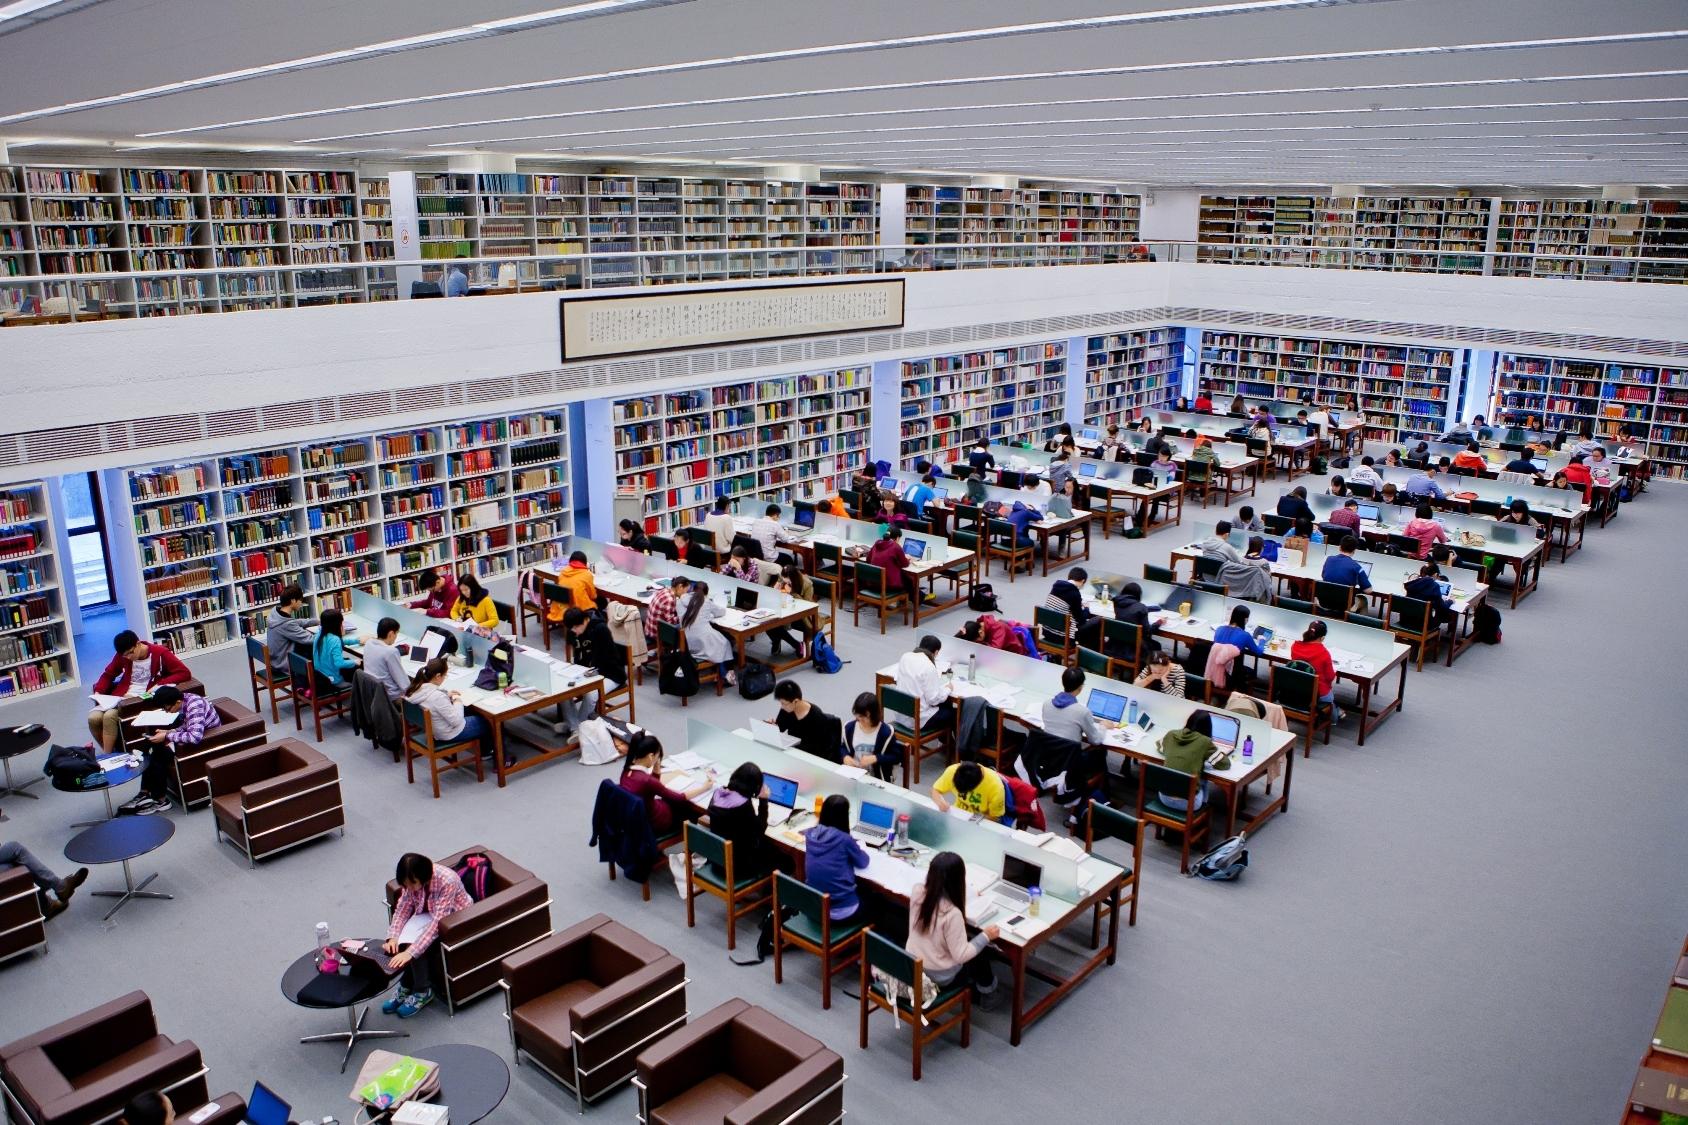 postgradasia-cuhk-institution-Library-2018